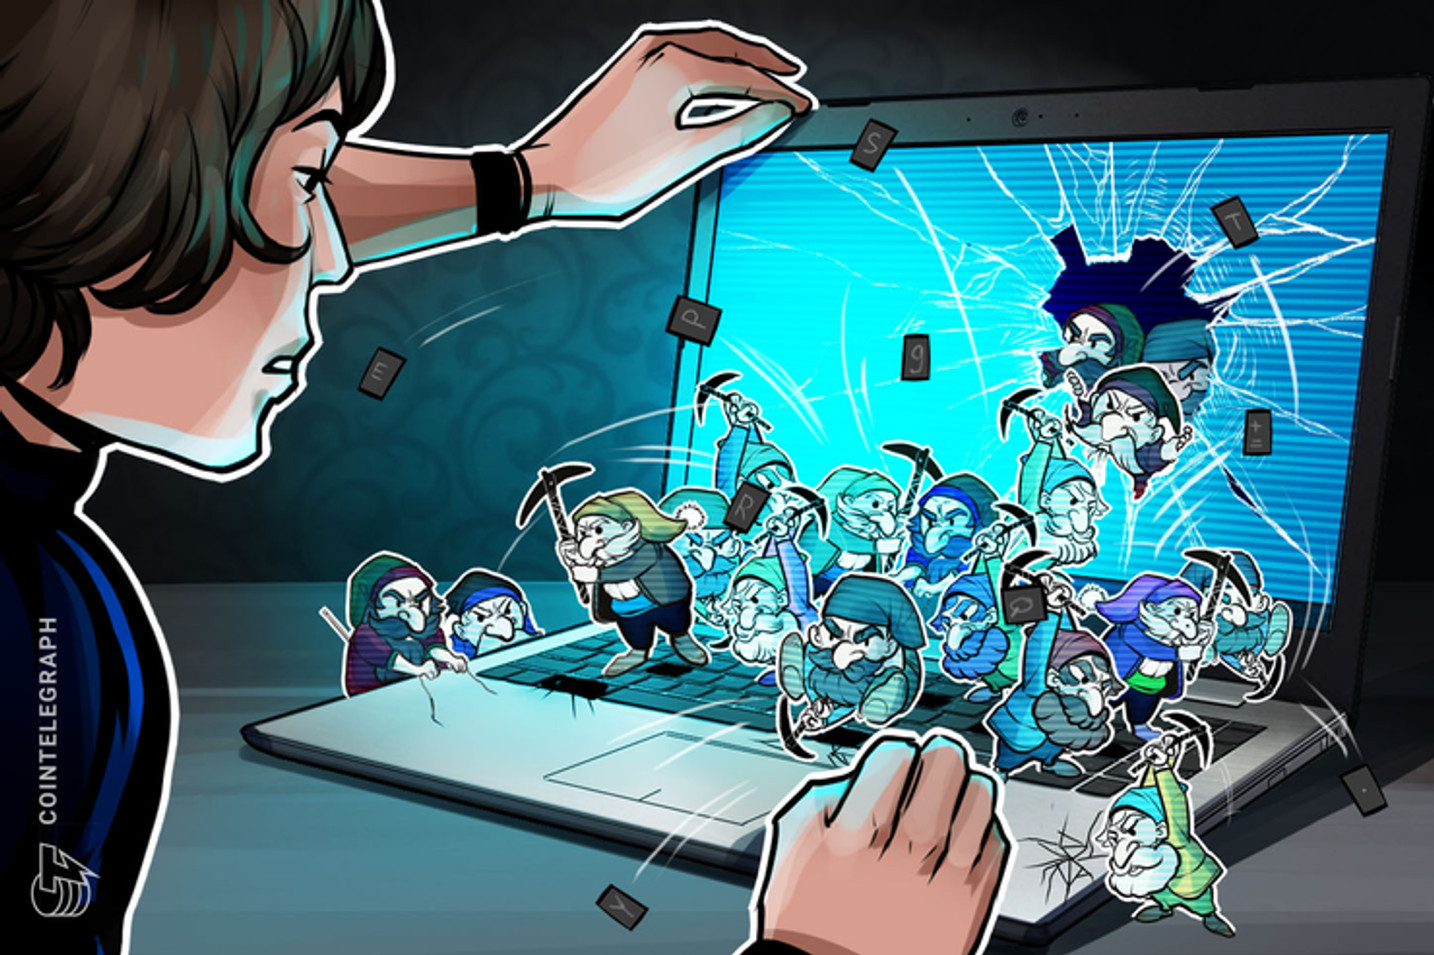 Pesquisa aponta que Minecraft  é o jogo preferido por hackers para espalhar malwares